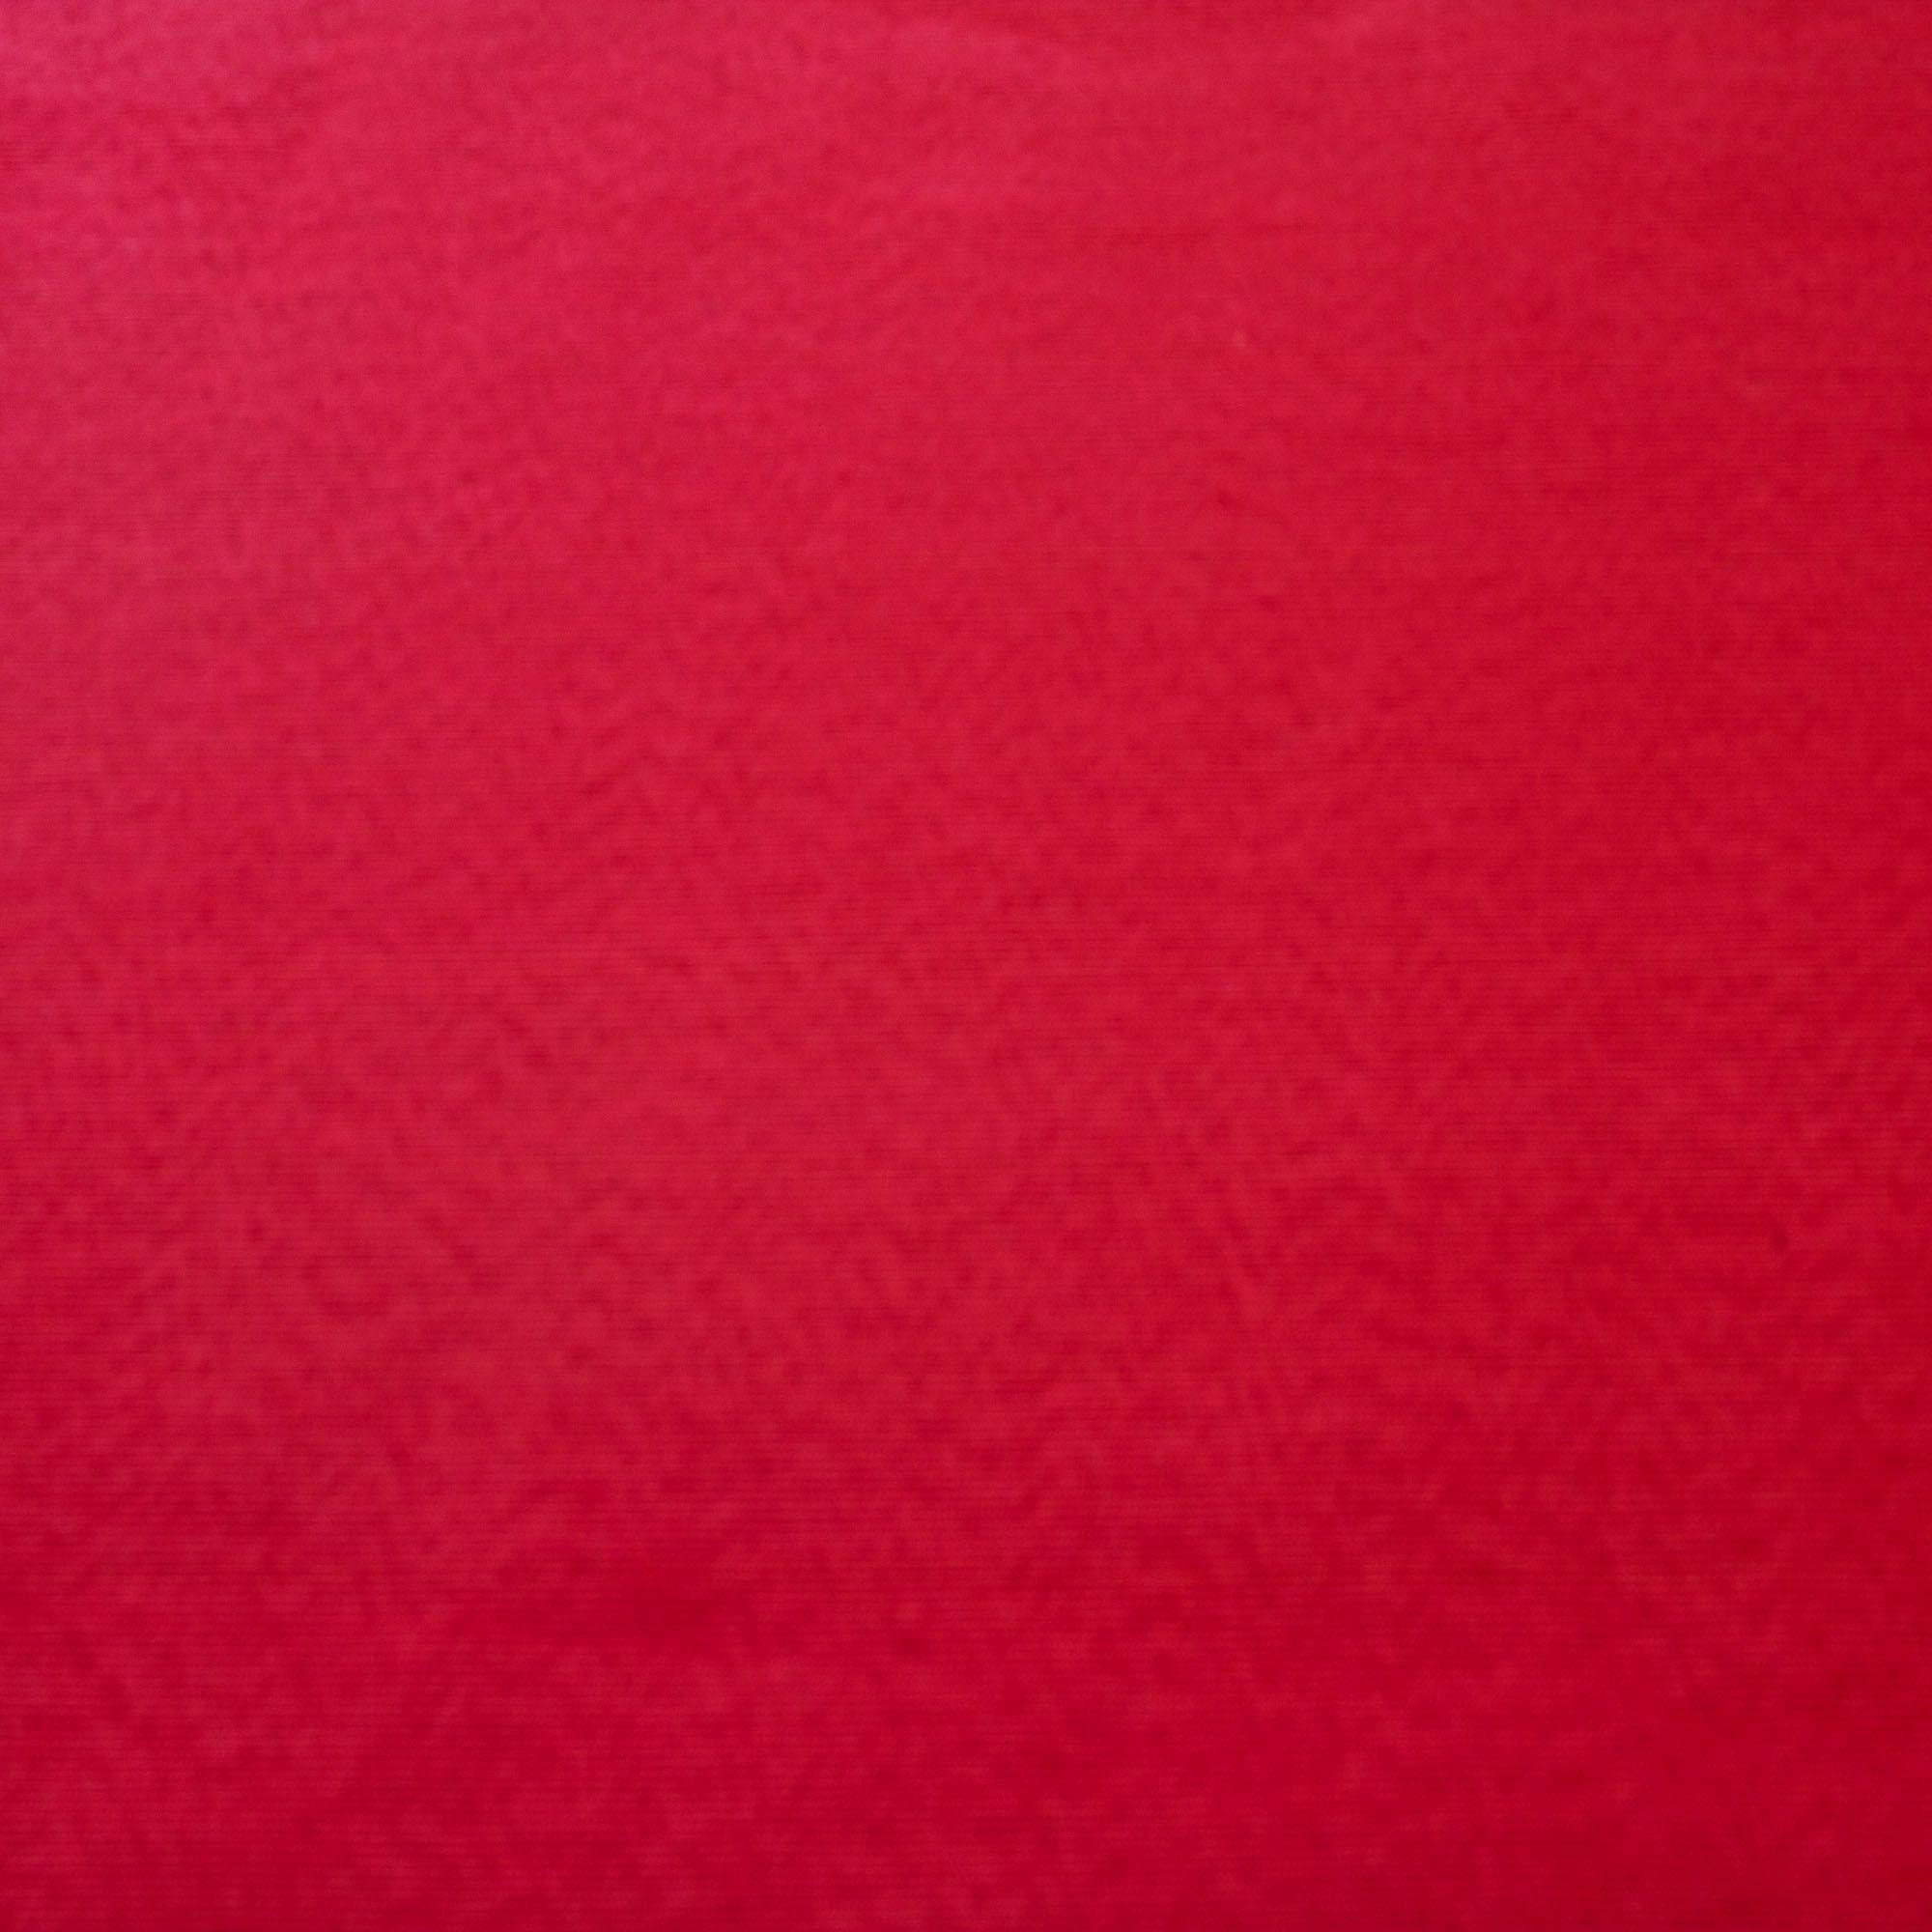 Tecido Gorgurinho Liso 1,50 m Largura Vermelho